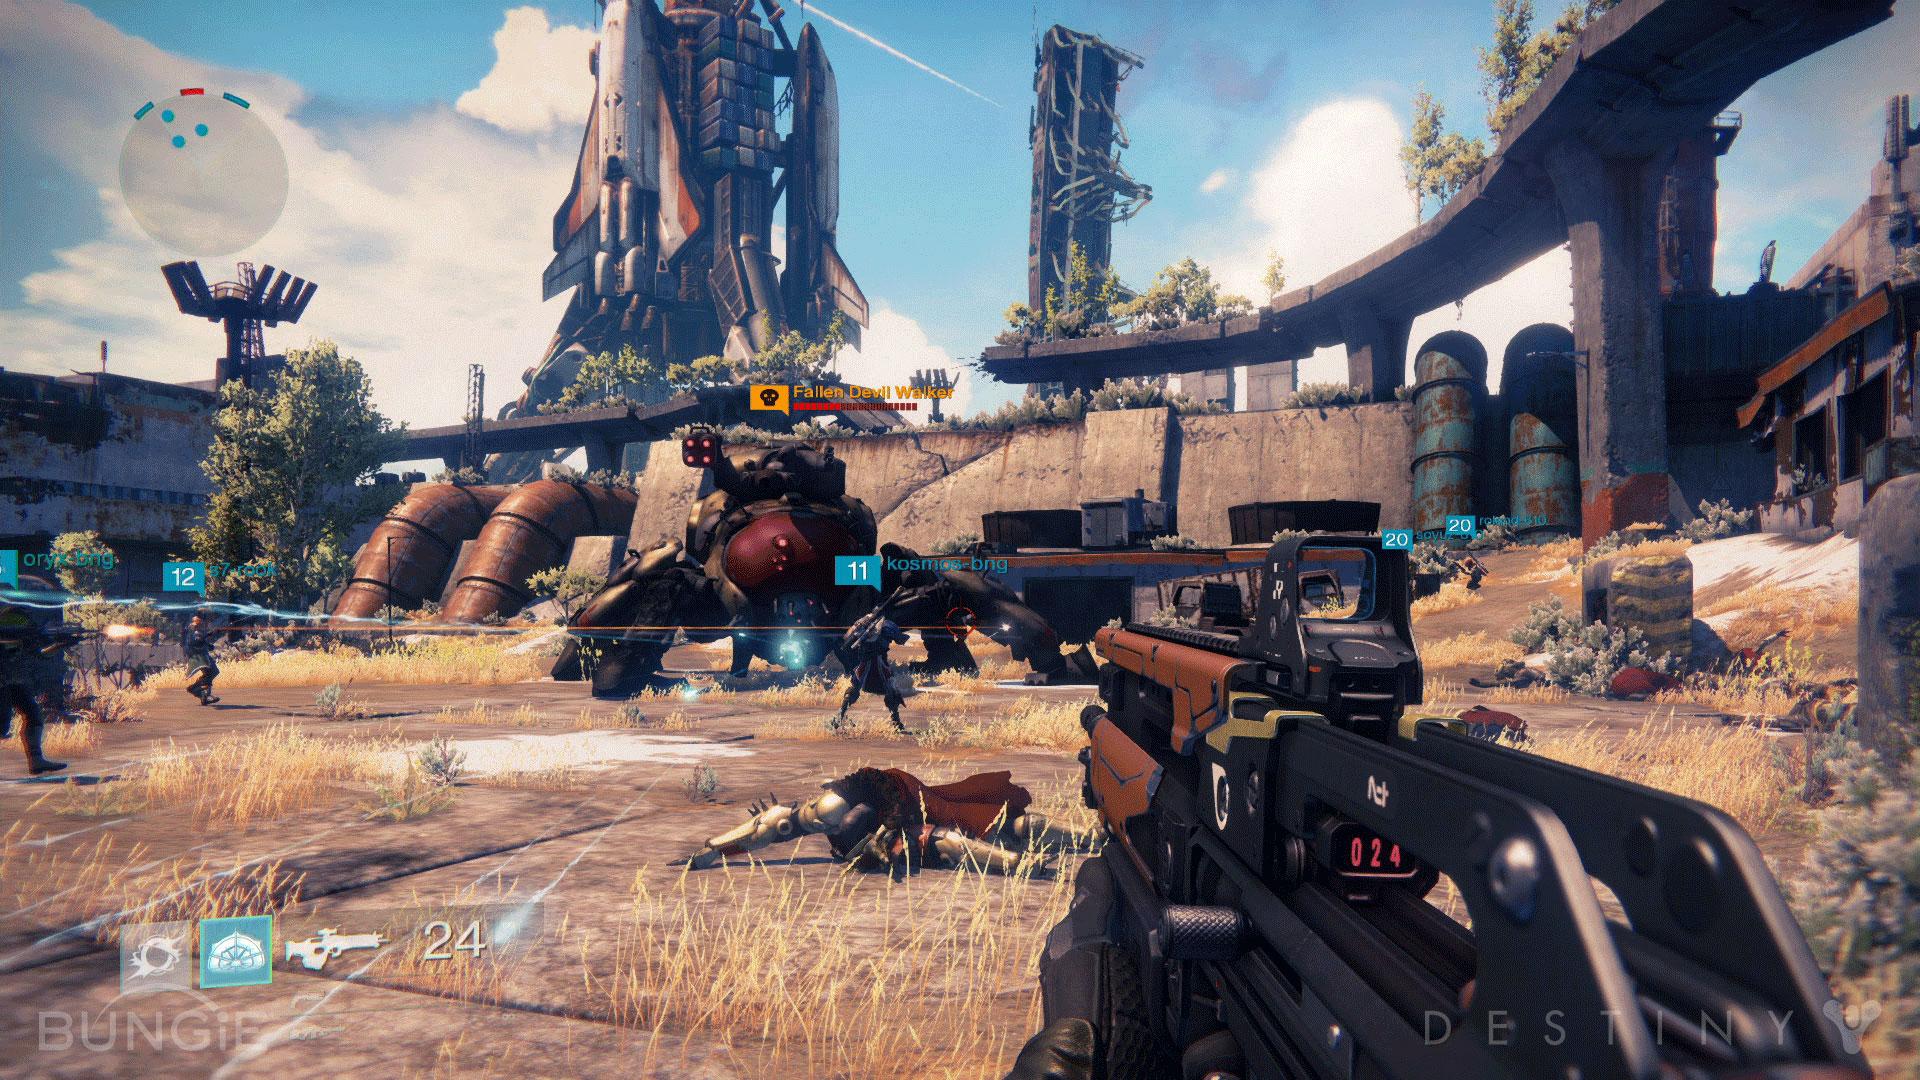 E3 Destiny Game Weapons